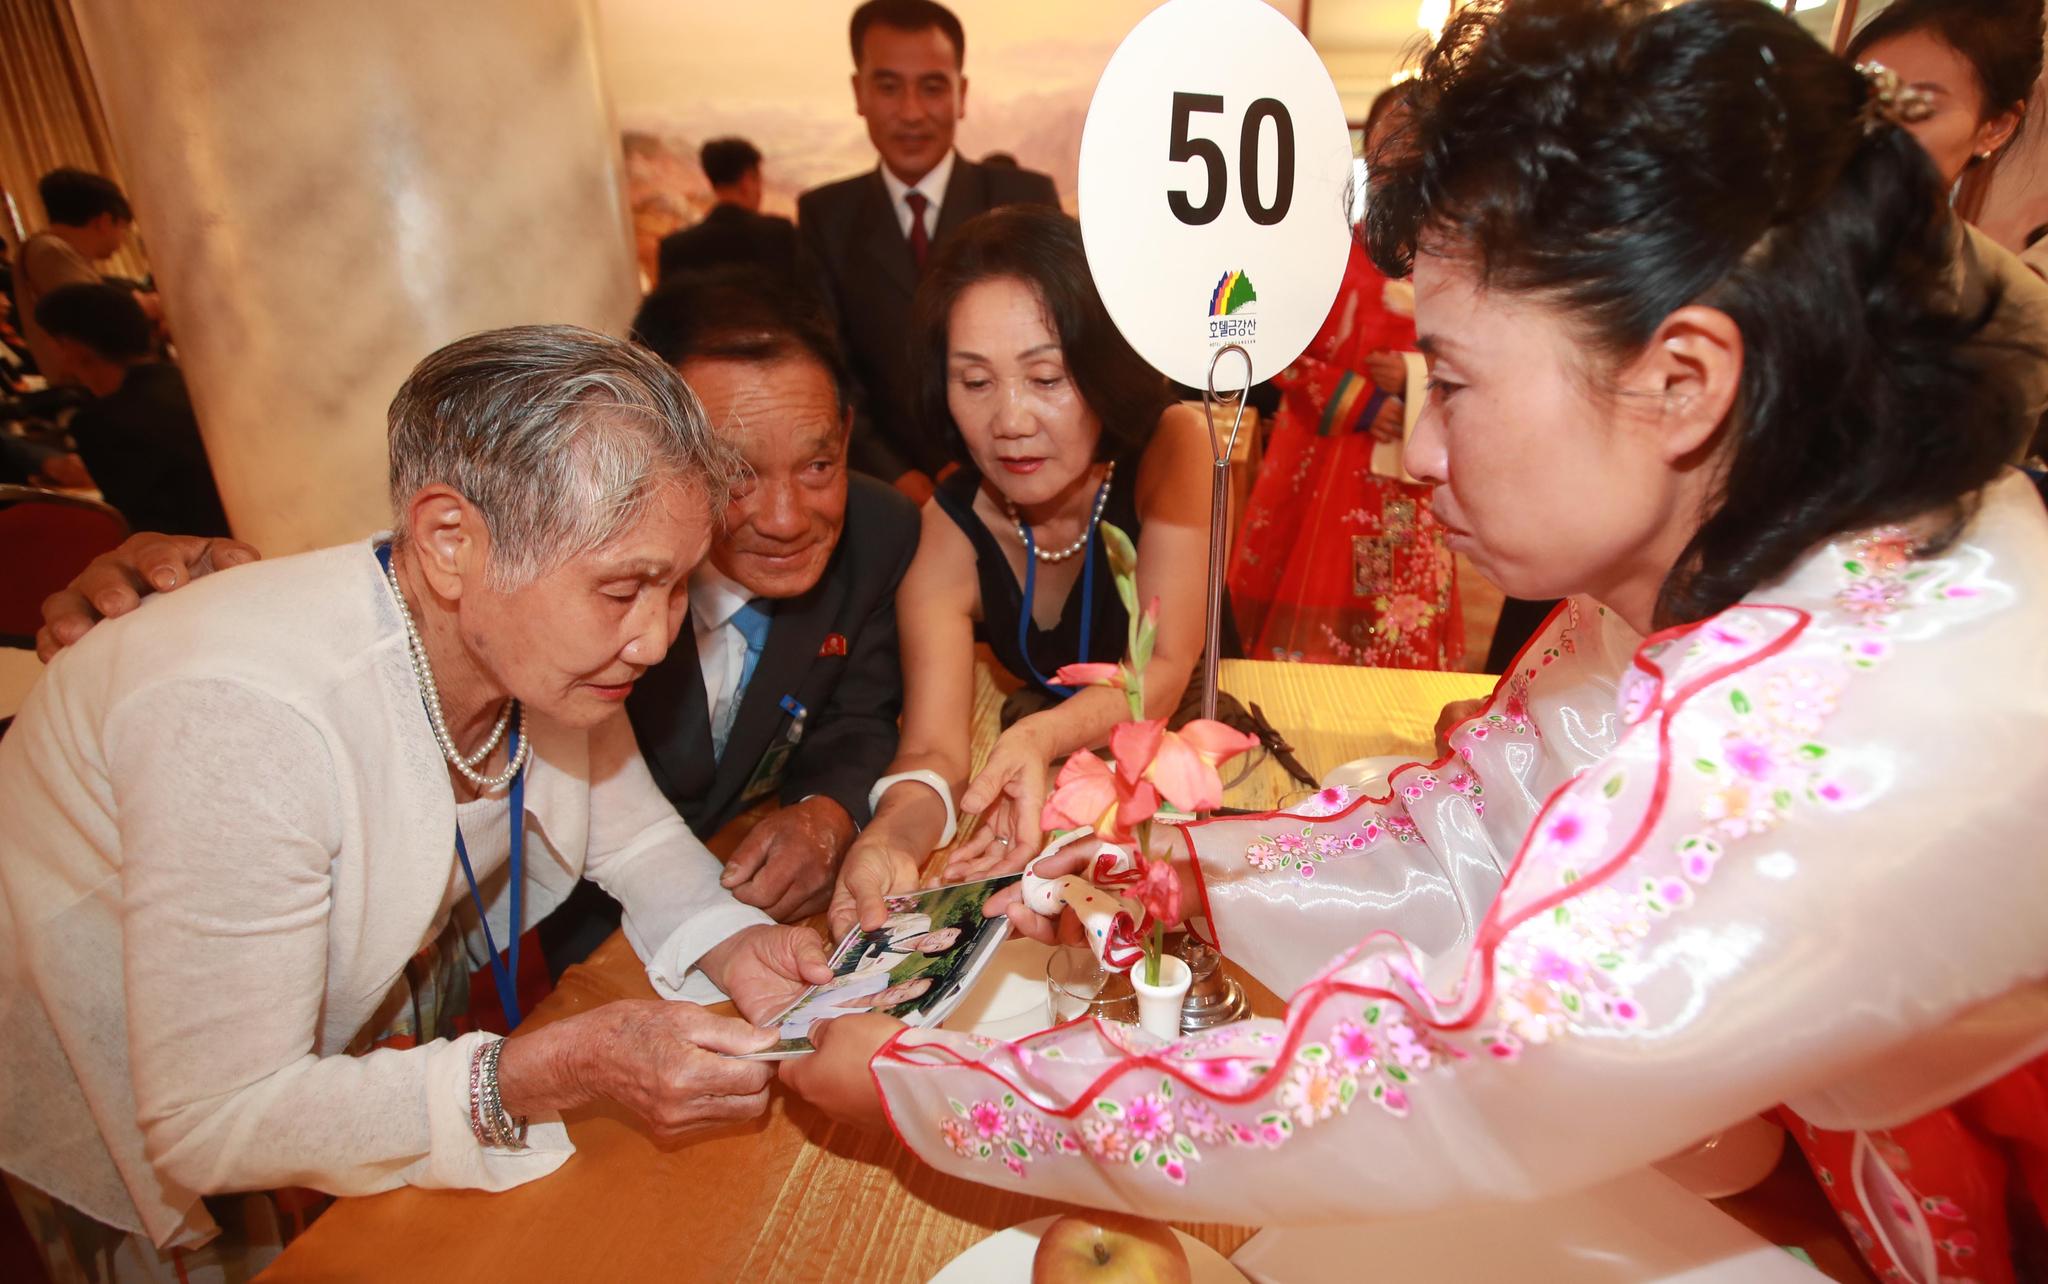 남측 이금섬(92) 할머니가 북측에서 온 손자며느리 김옥희(34)씨의 가족사진을 보고 있다.사진공동취재단